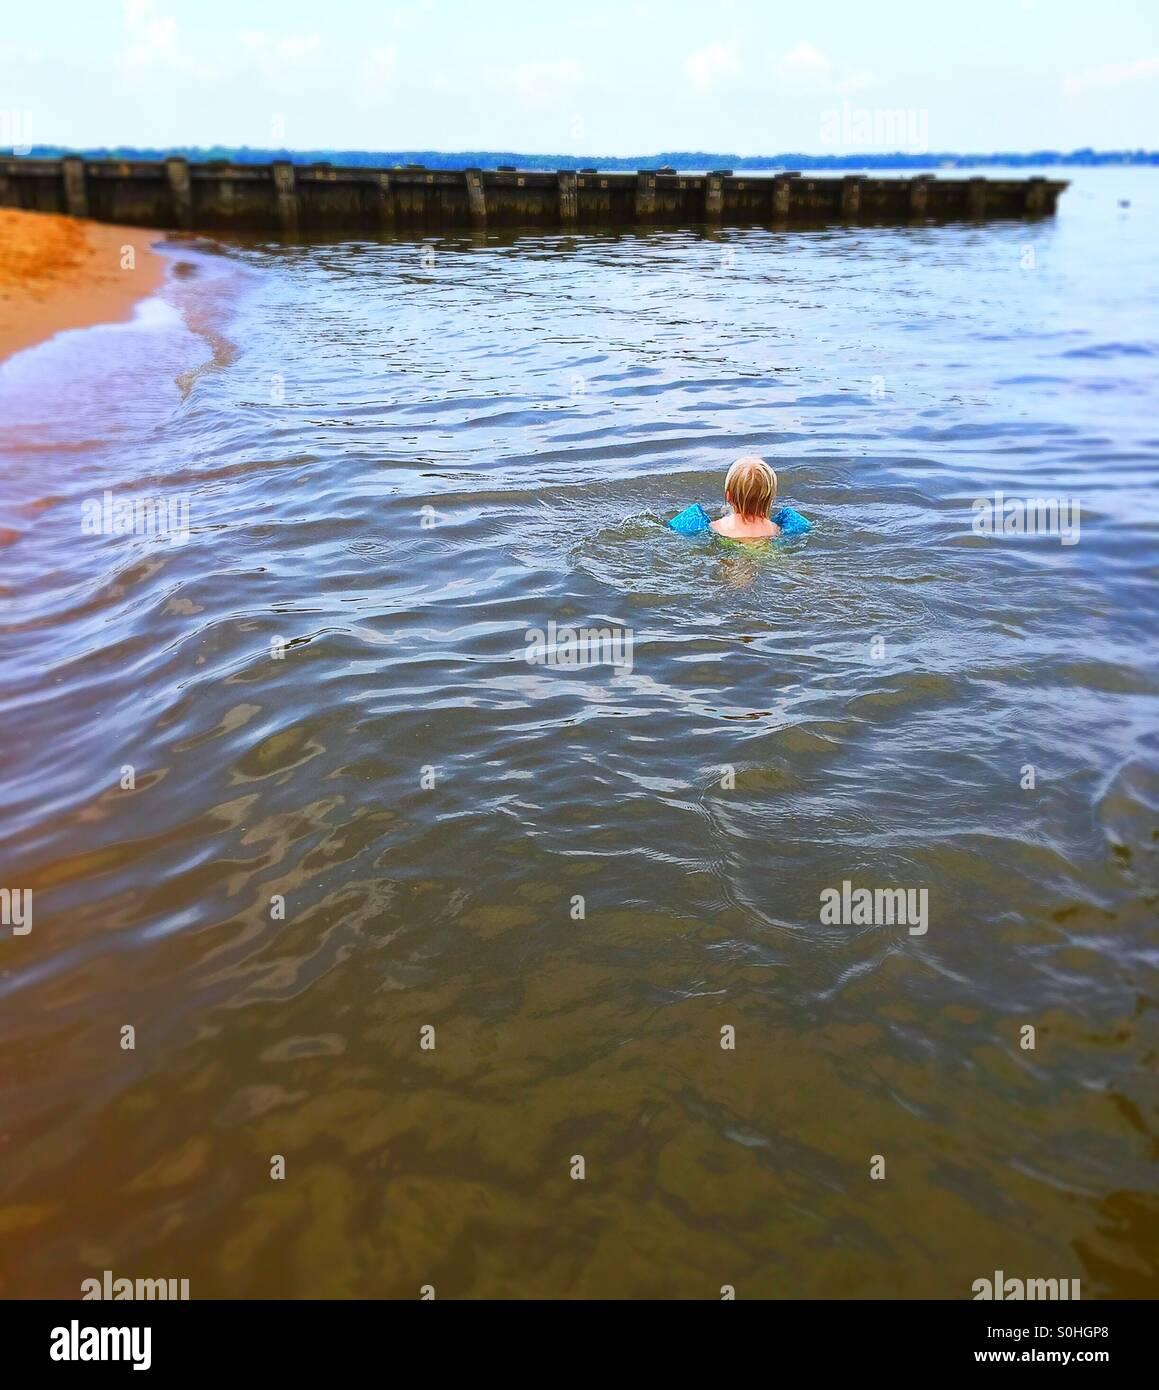 Il Toddler nuotare nel fiume di polvere da sparo Immagini Stock